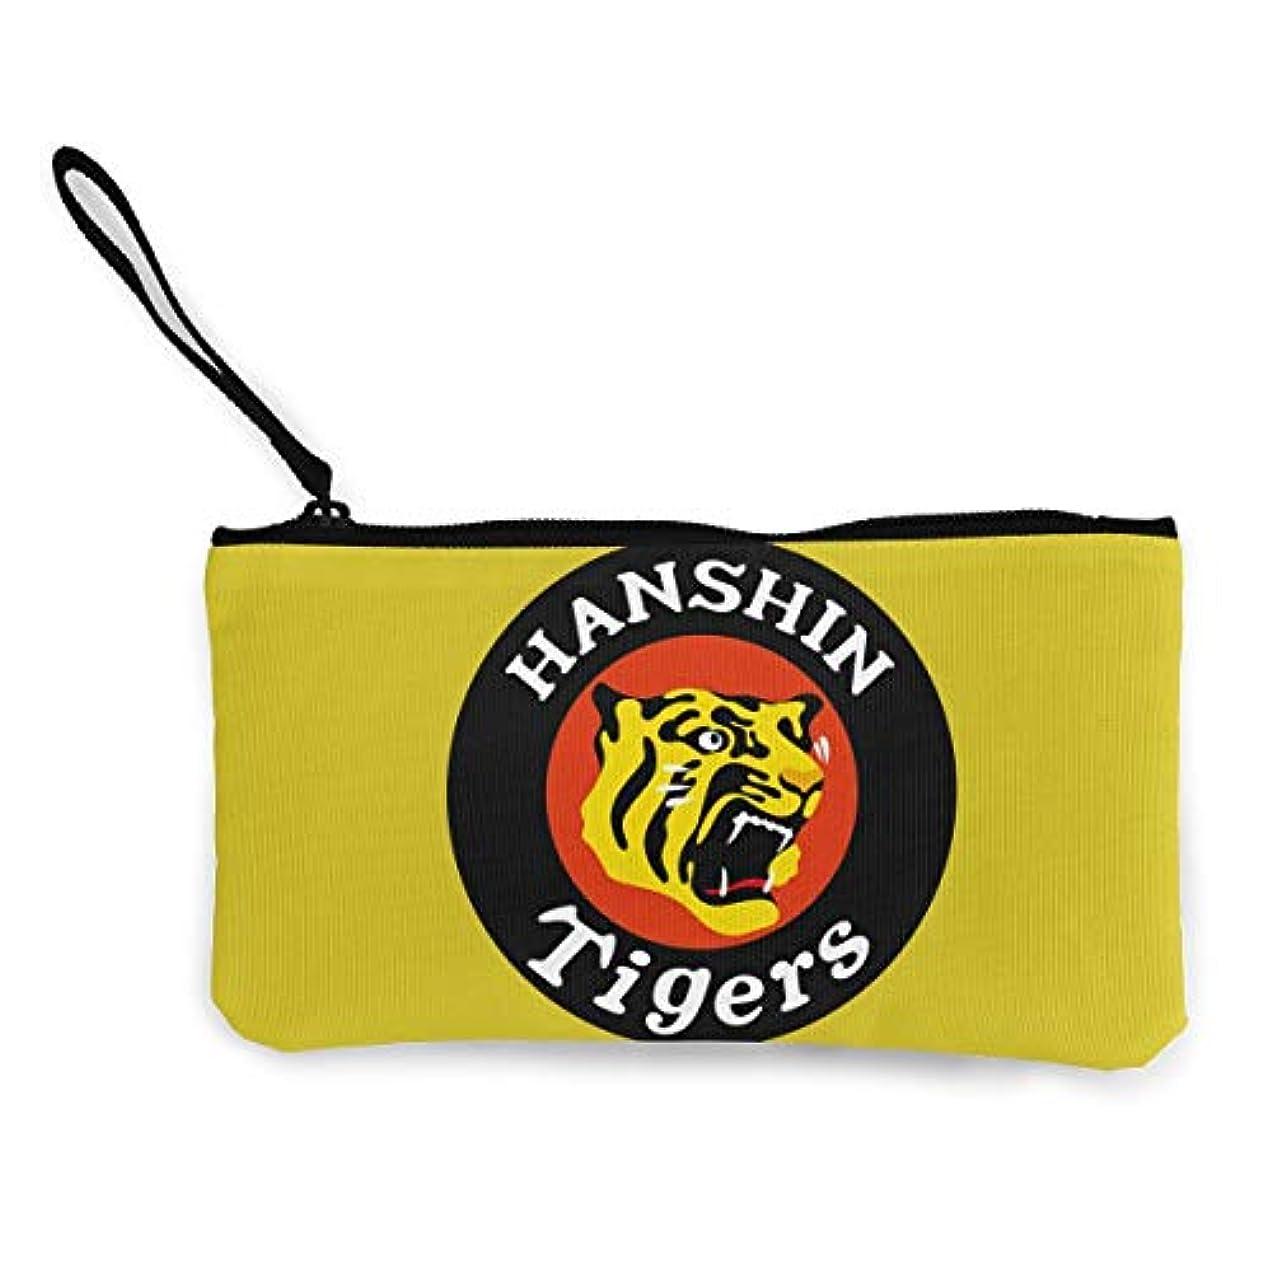 ハンバーガー言うまでもなく米国阪神タイガース 小銭入れ ワレット 財布 キャンバス ジッパー付きハンド 大容量